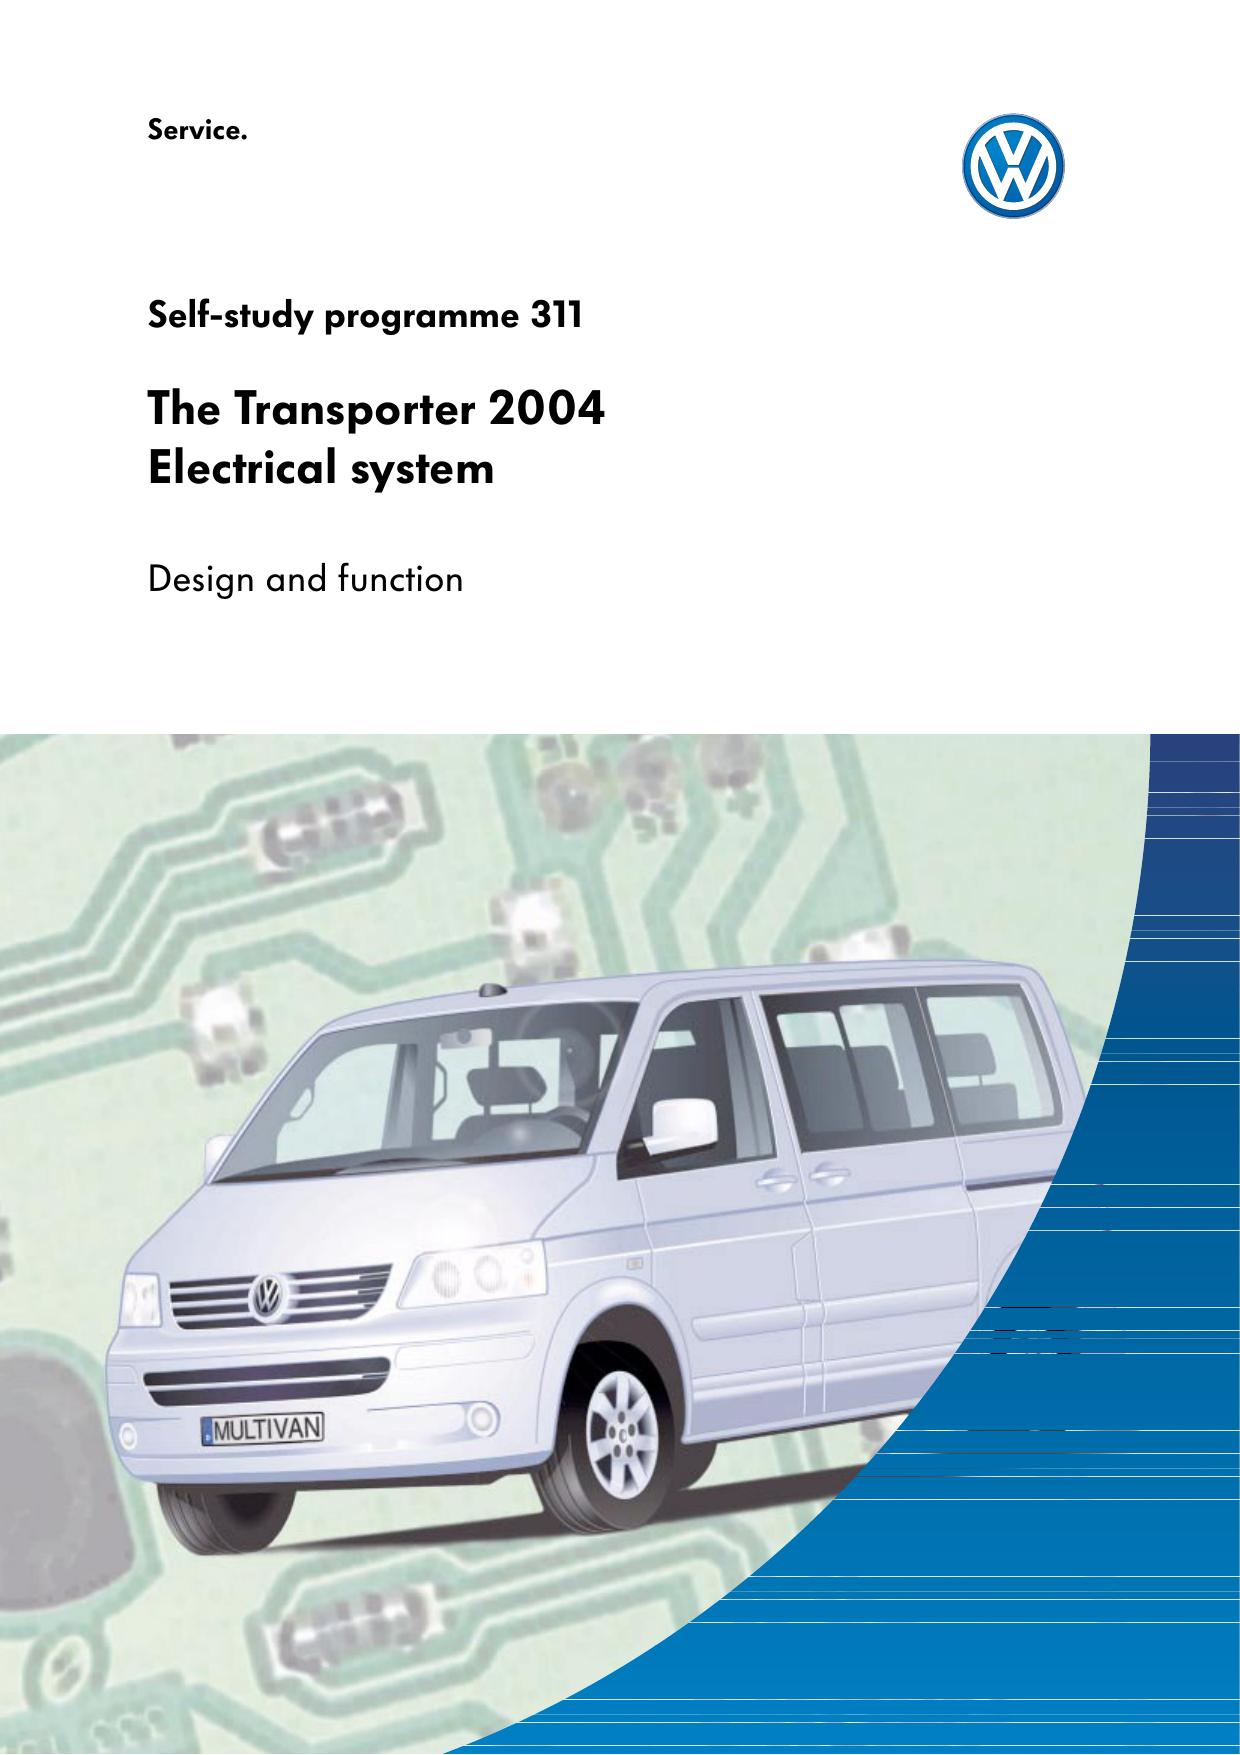 ssp311 The Transporter 2004 Electrical system | manualzz com